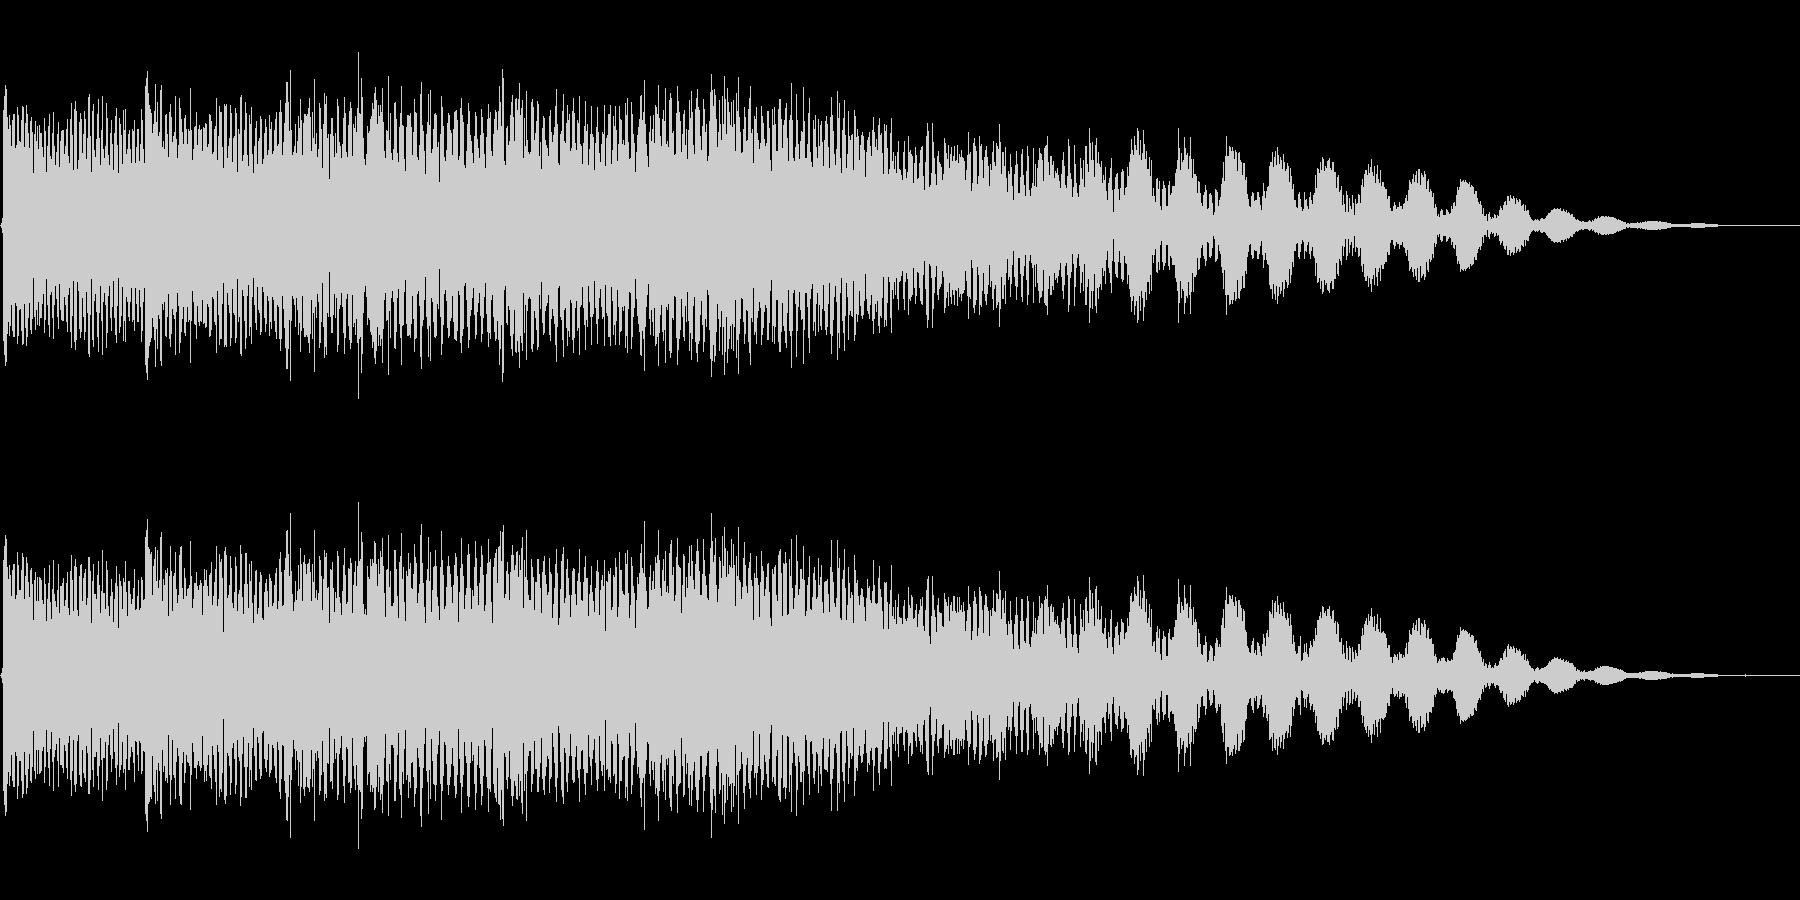 シンセ(ヒット系)ジングルの未再生の波形